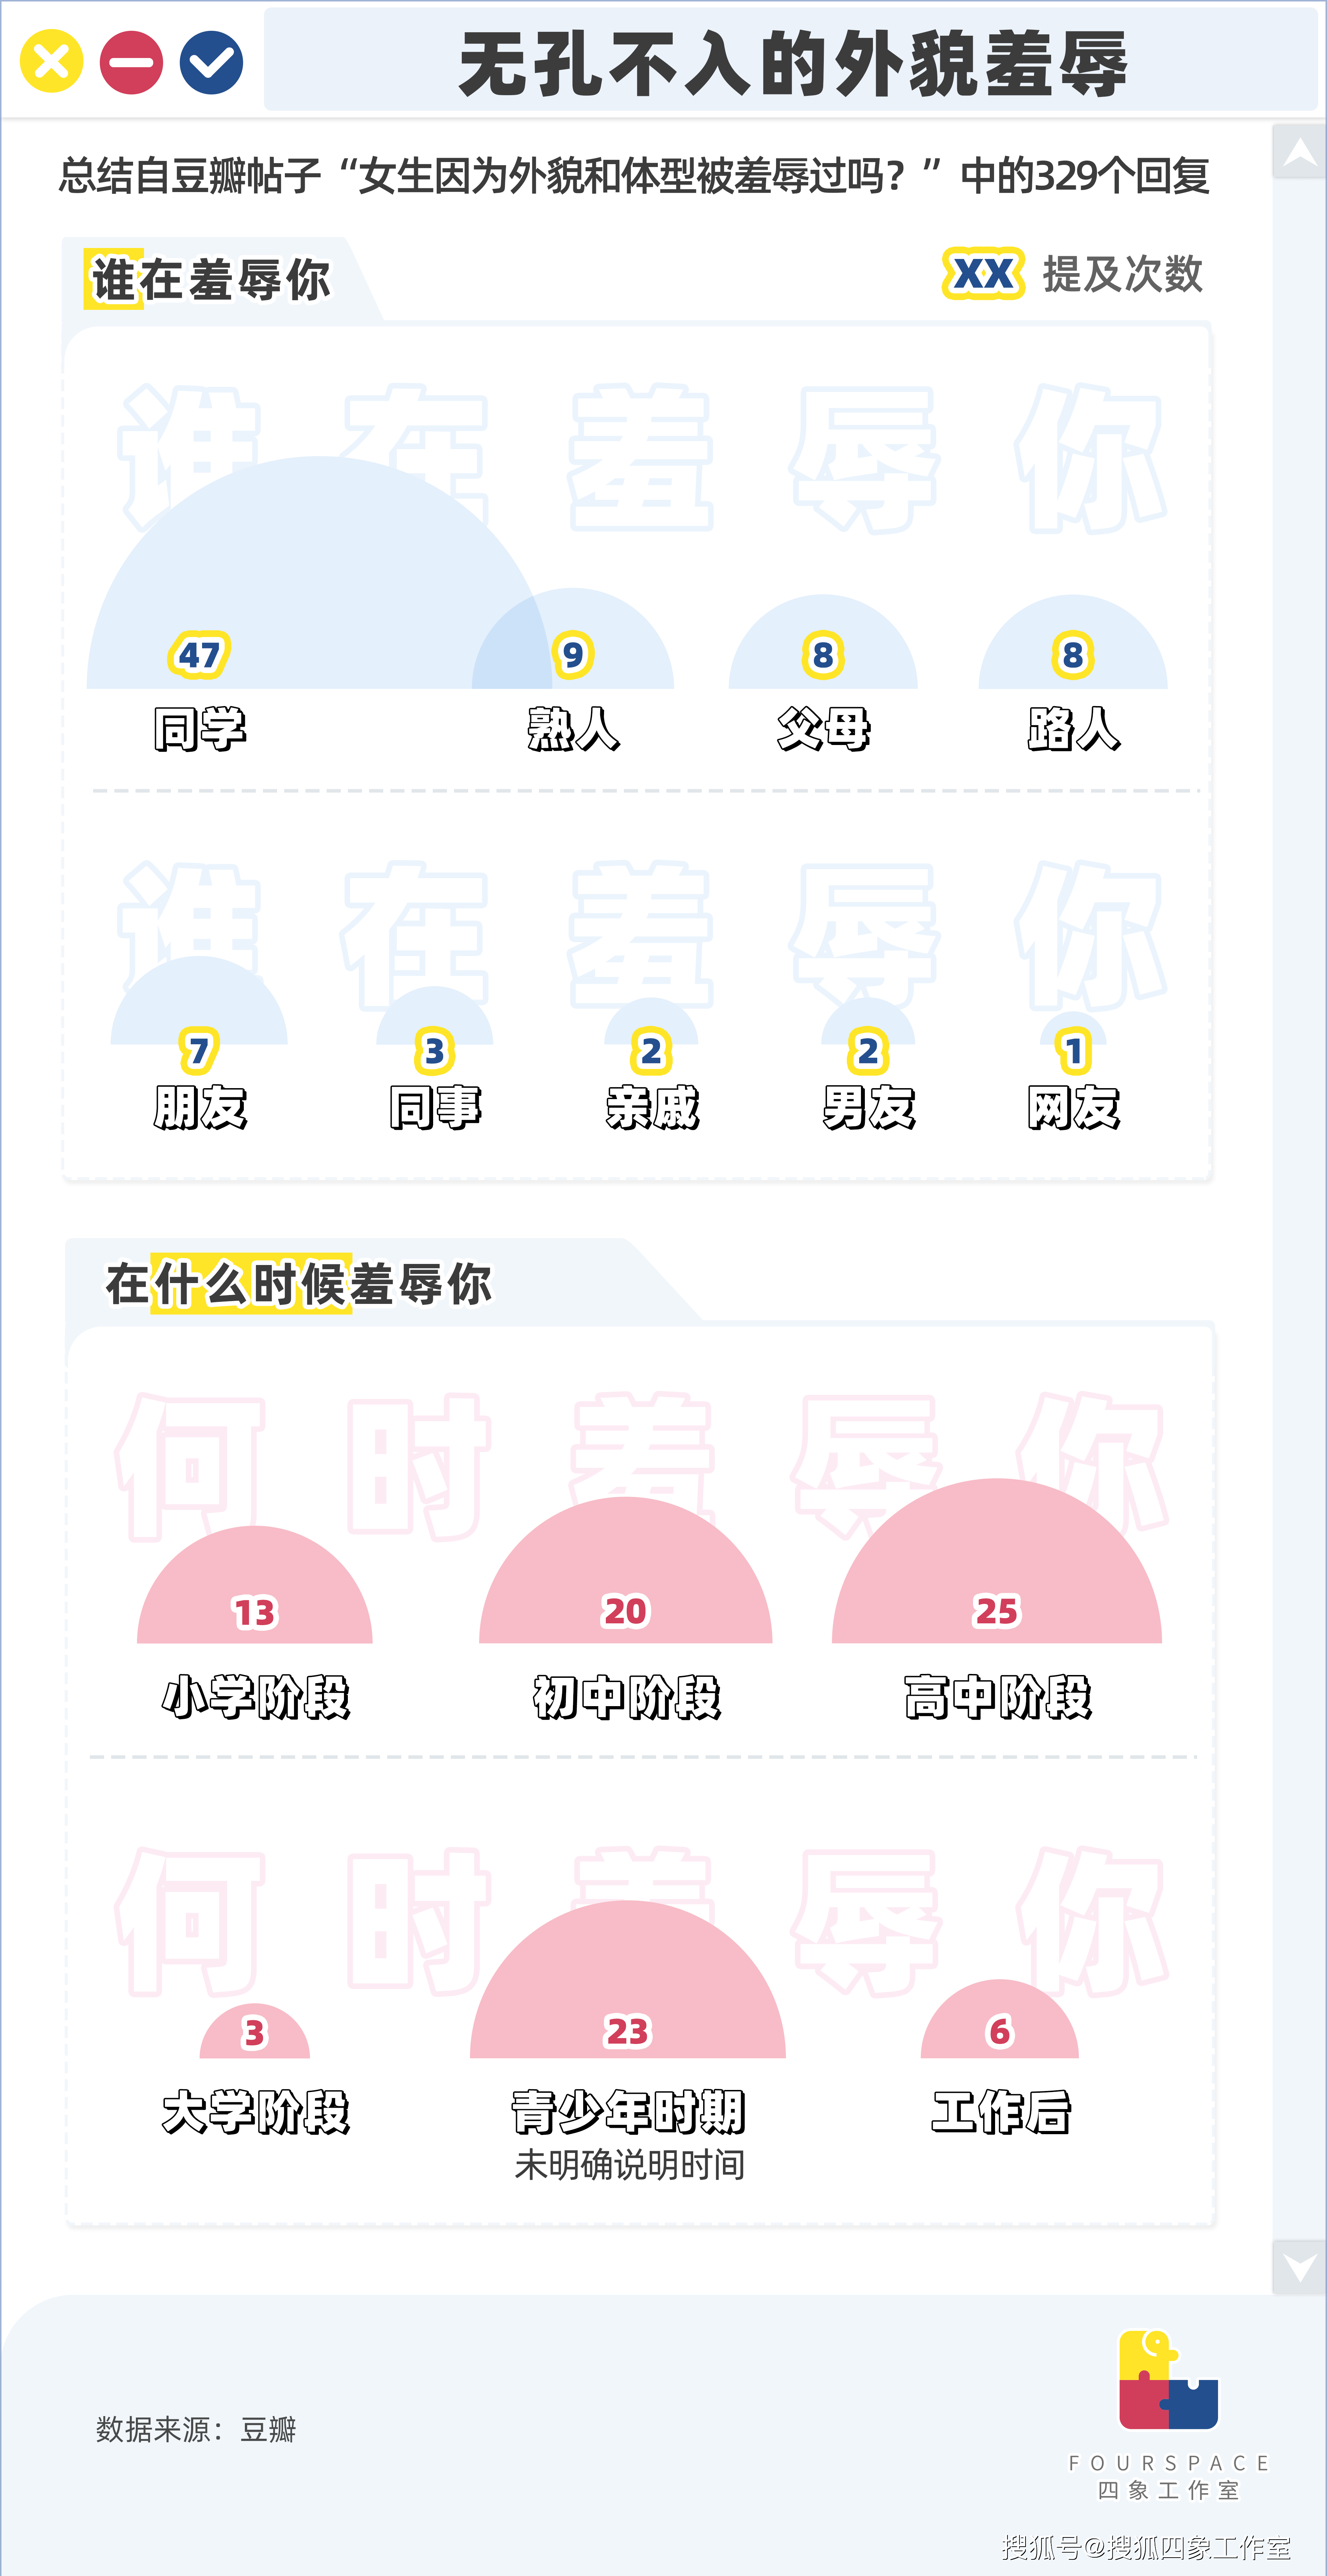 喜虎娱乐网手机APP下载